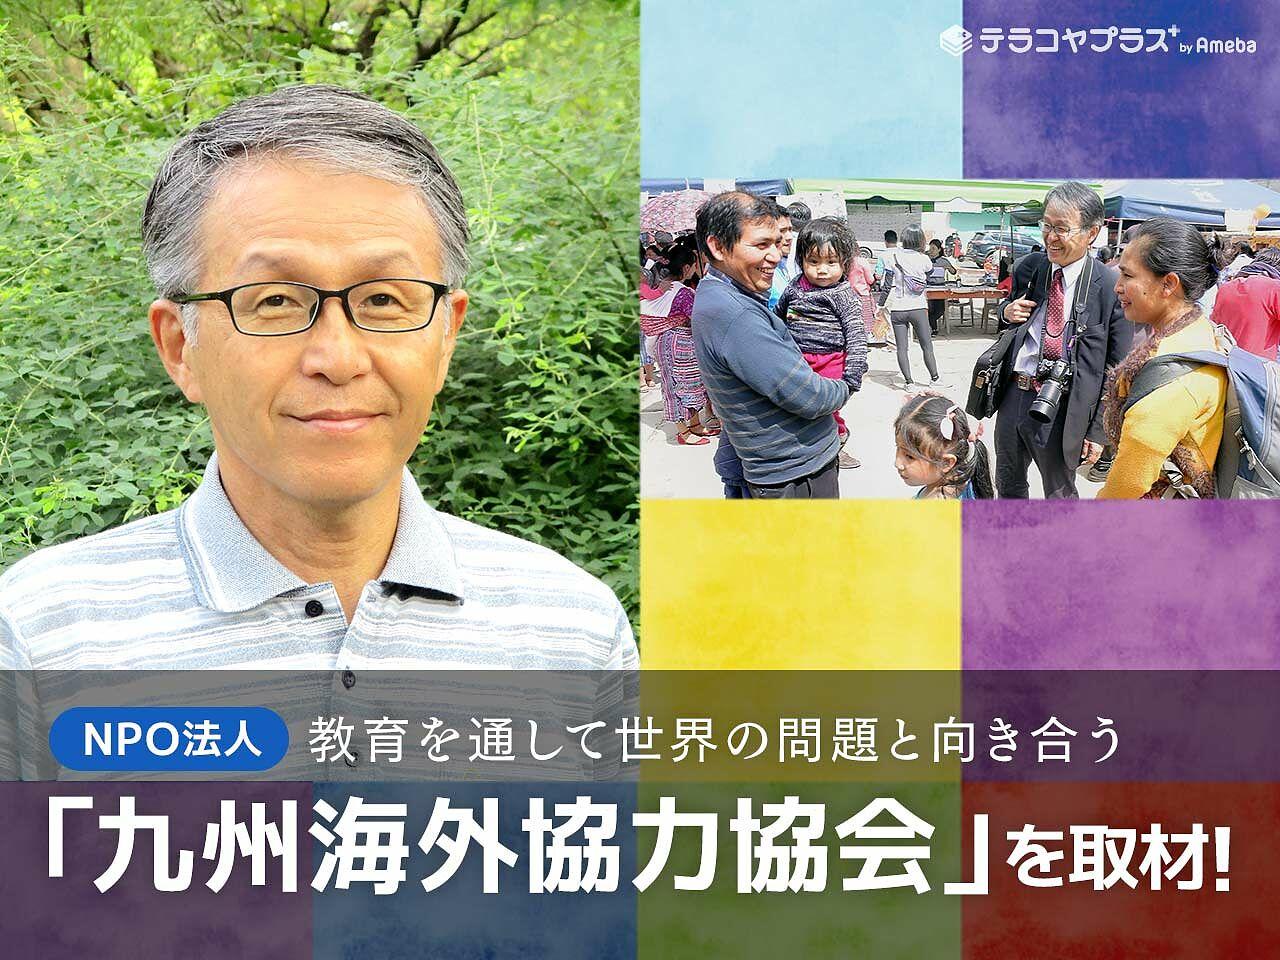 NPO法人「九州海外協力協会」の事務局長を取材!教育を通して世界の問題と向き合うの画像